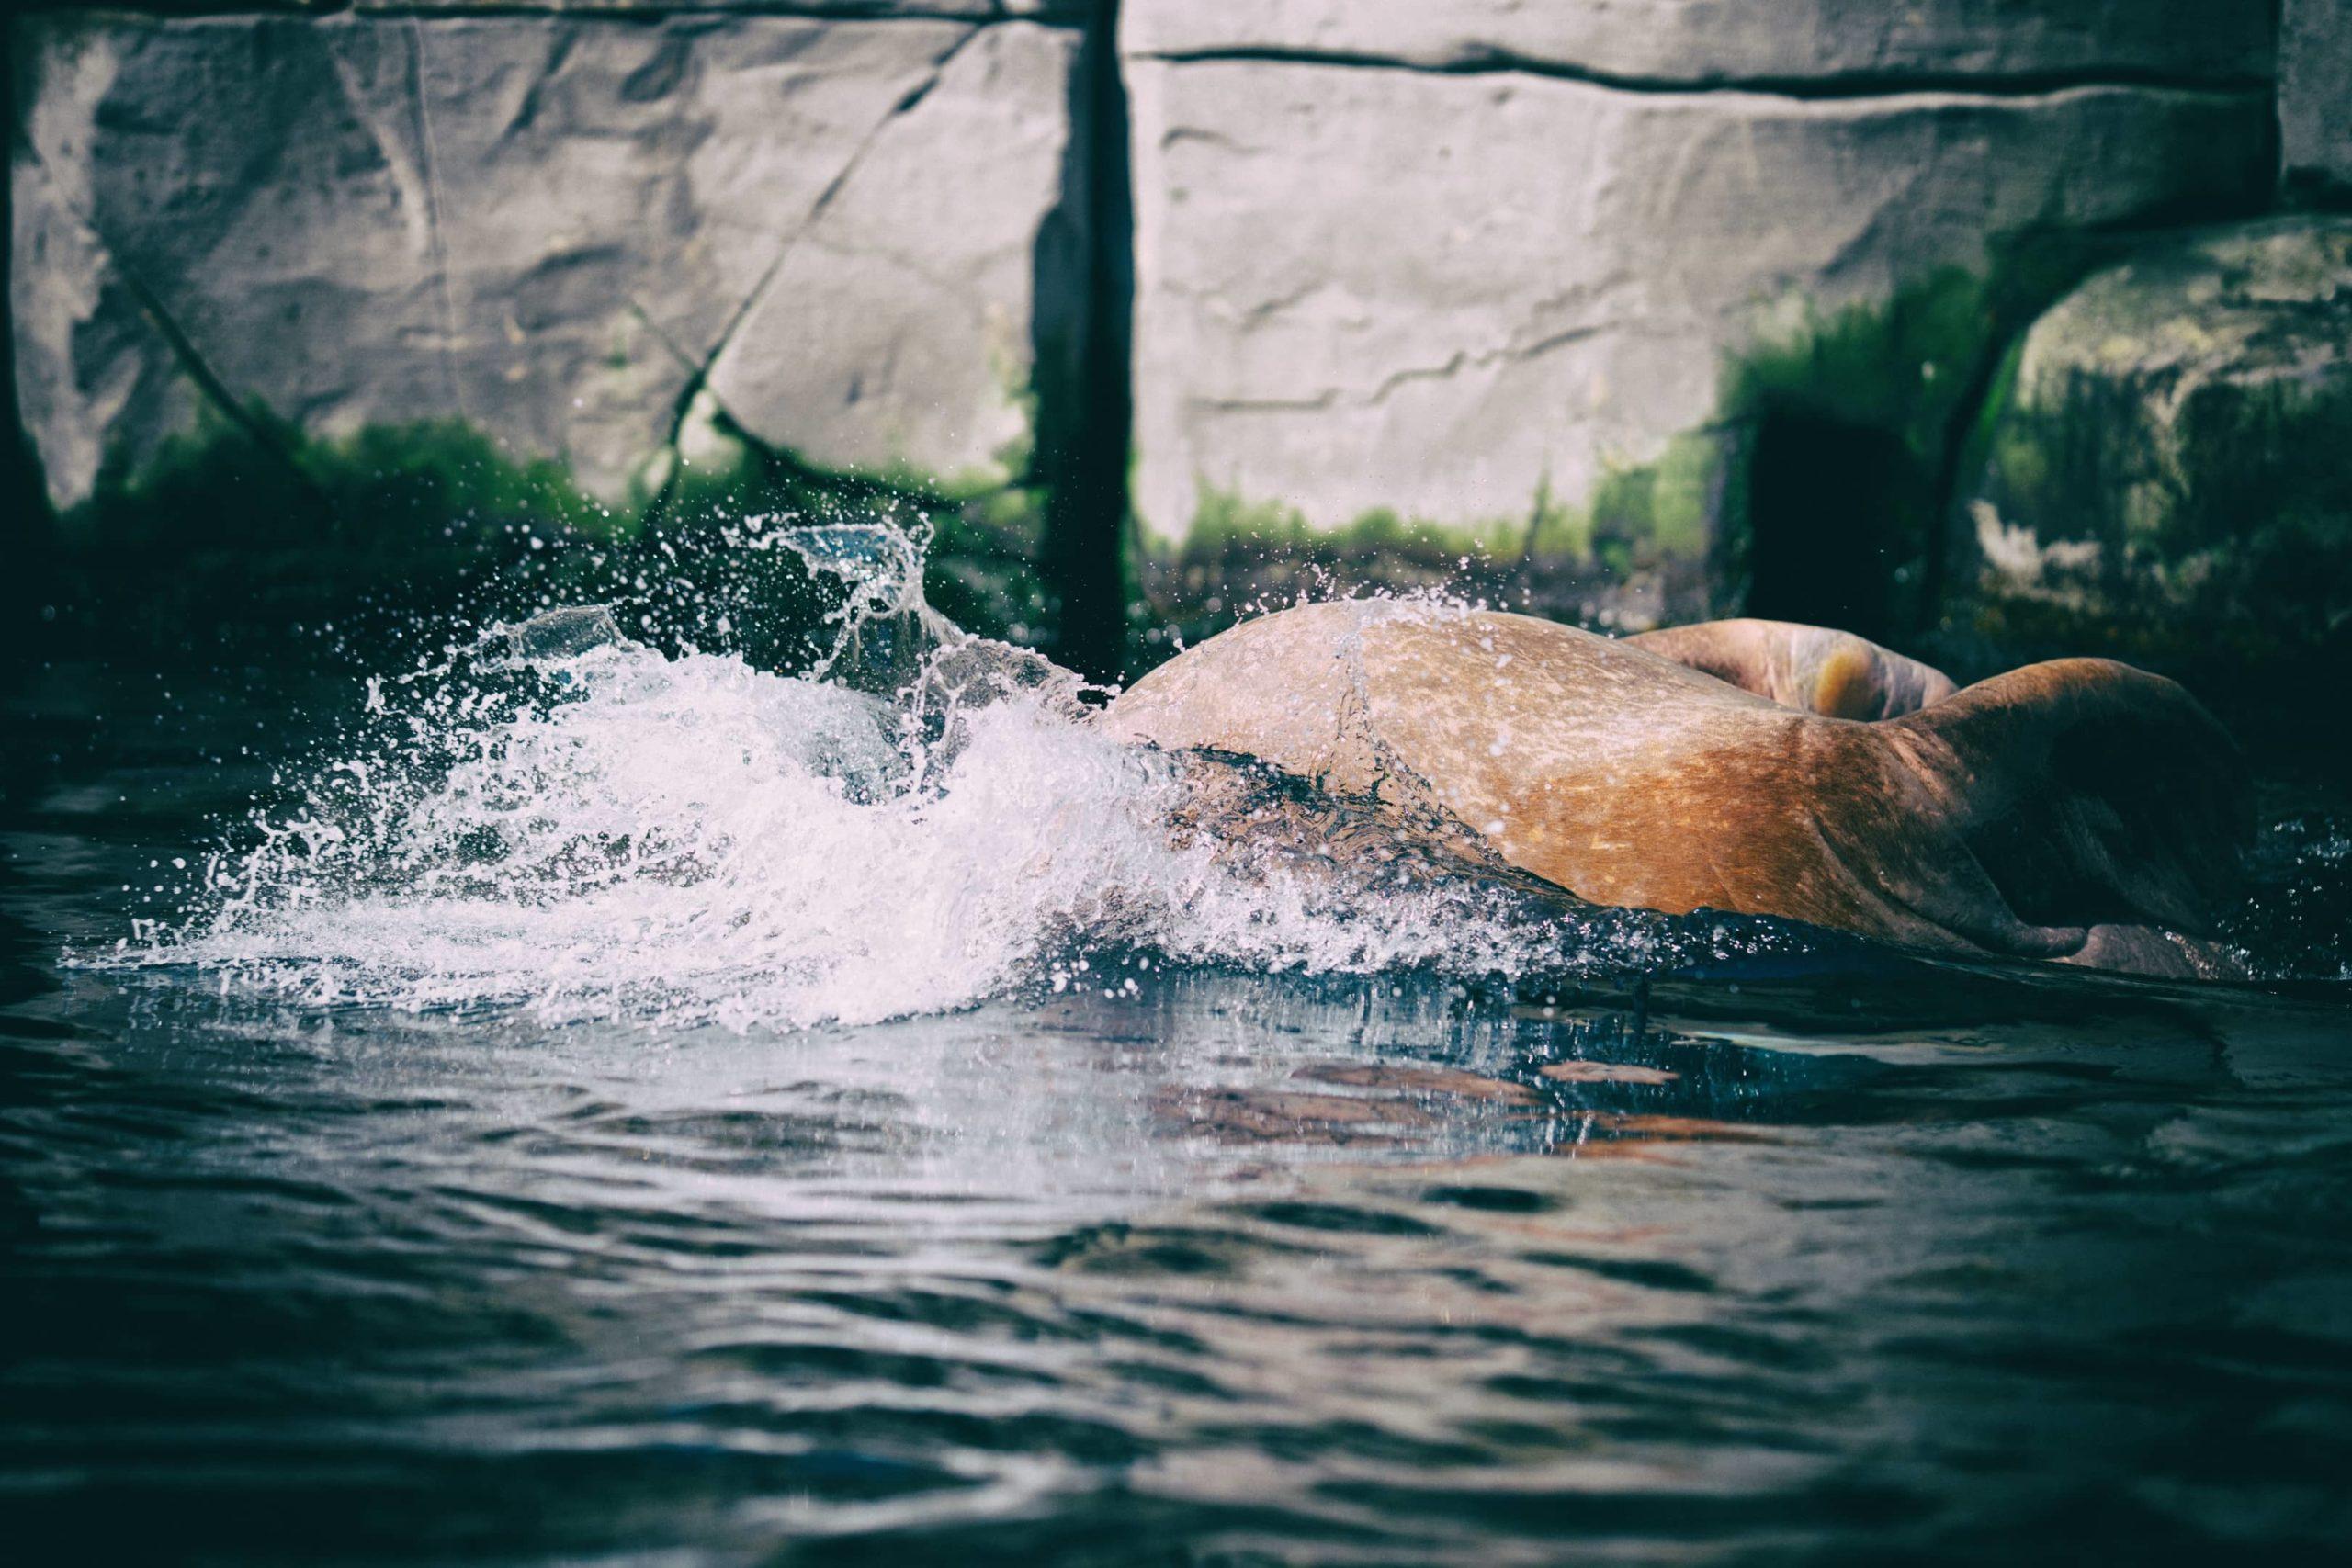 Walross beim abtauchen, fotografiert von Danny Koerber.